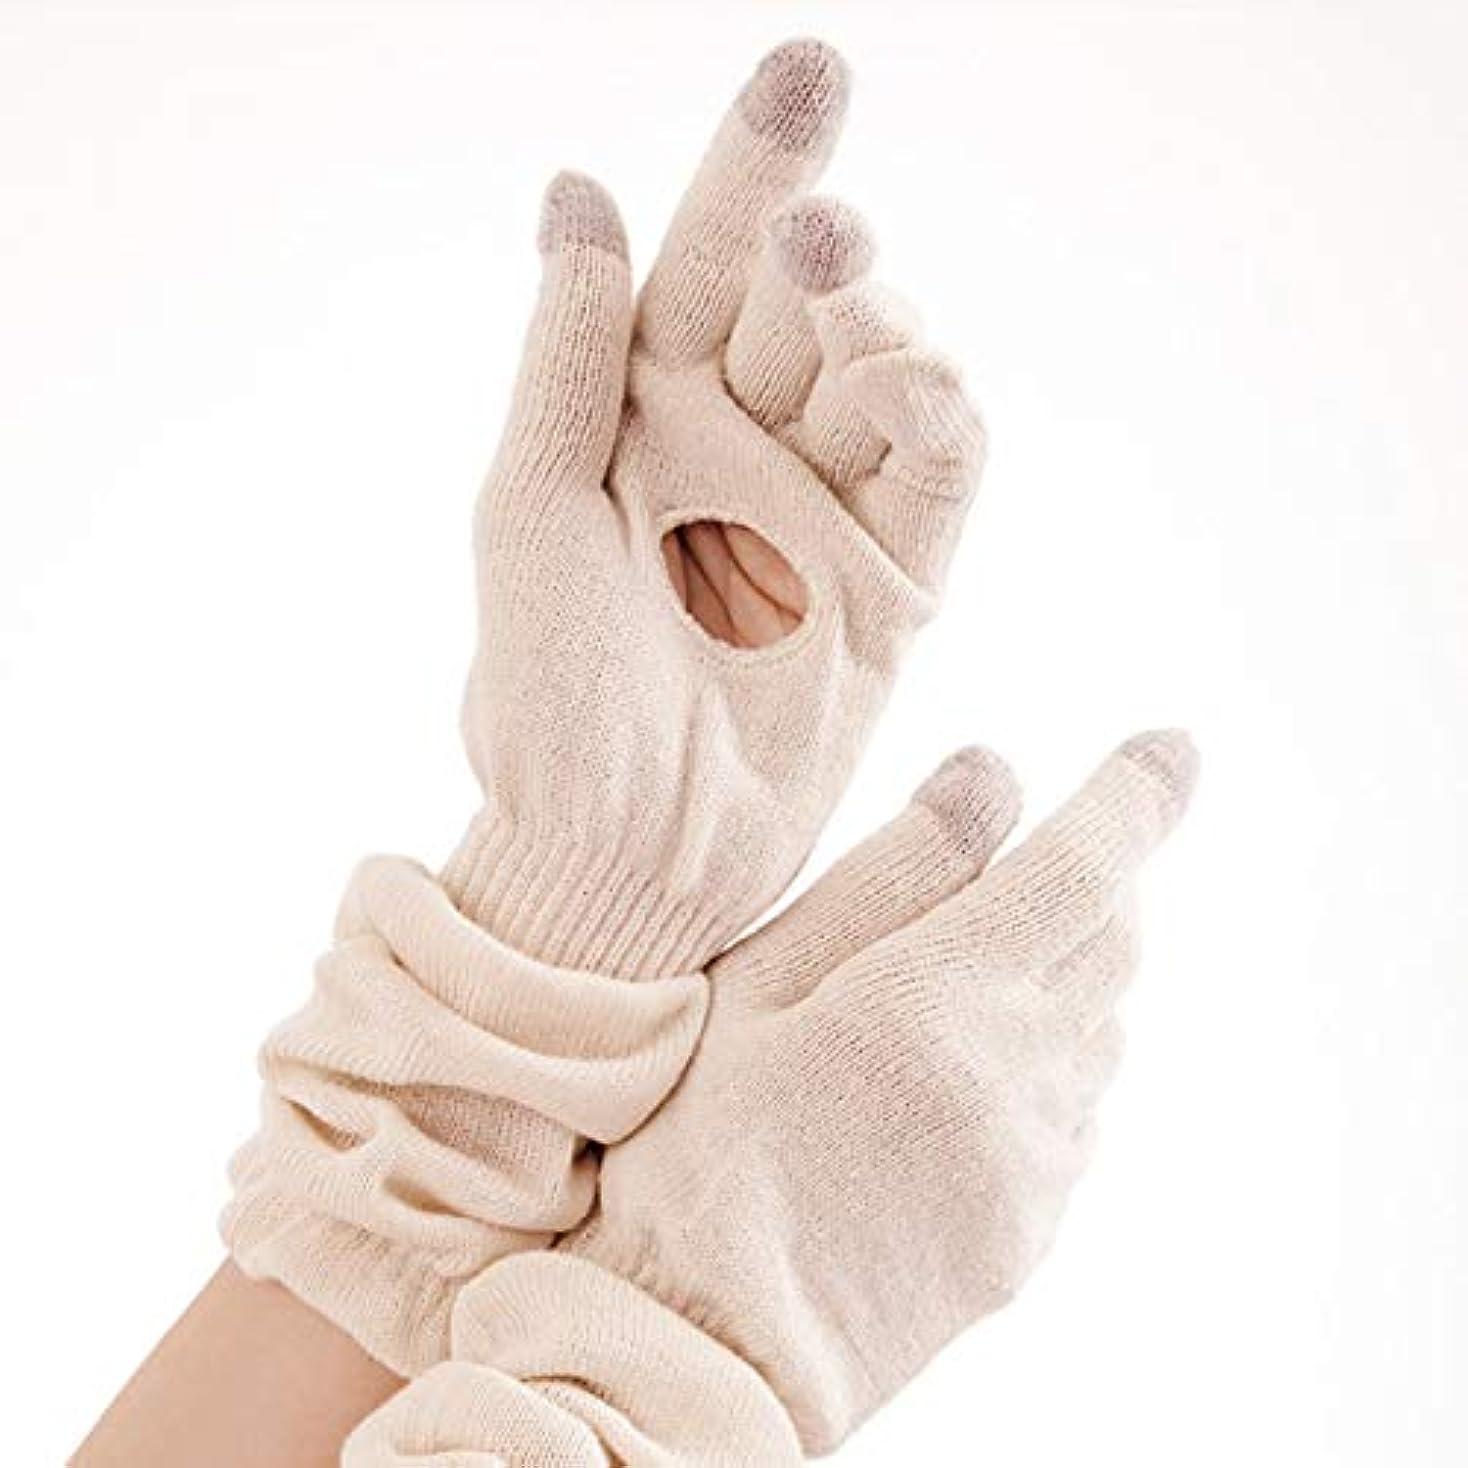 アルバニー可動式右アルファックス 手袋 シルク混 ふんわりオープンホール 手袋 キナリ 1双入 AP-431336 | 手のひらホール 蒸れない 快眠 手荒れ 乾燥対策 やさしい シルク 腕周りゆったりゴム しめつけない ラクラク 優しい はめ心地